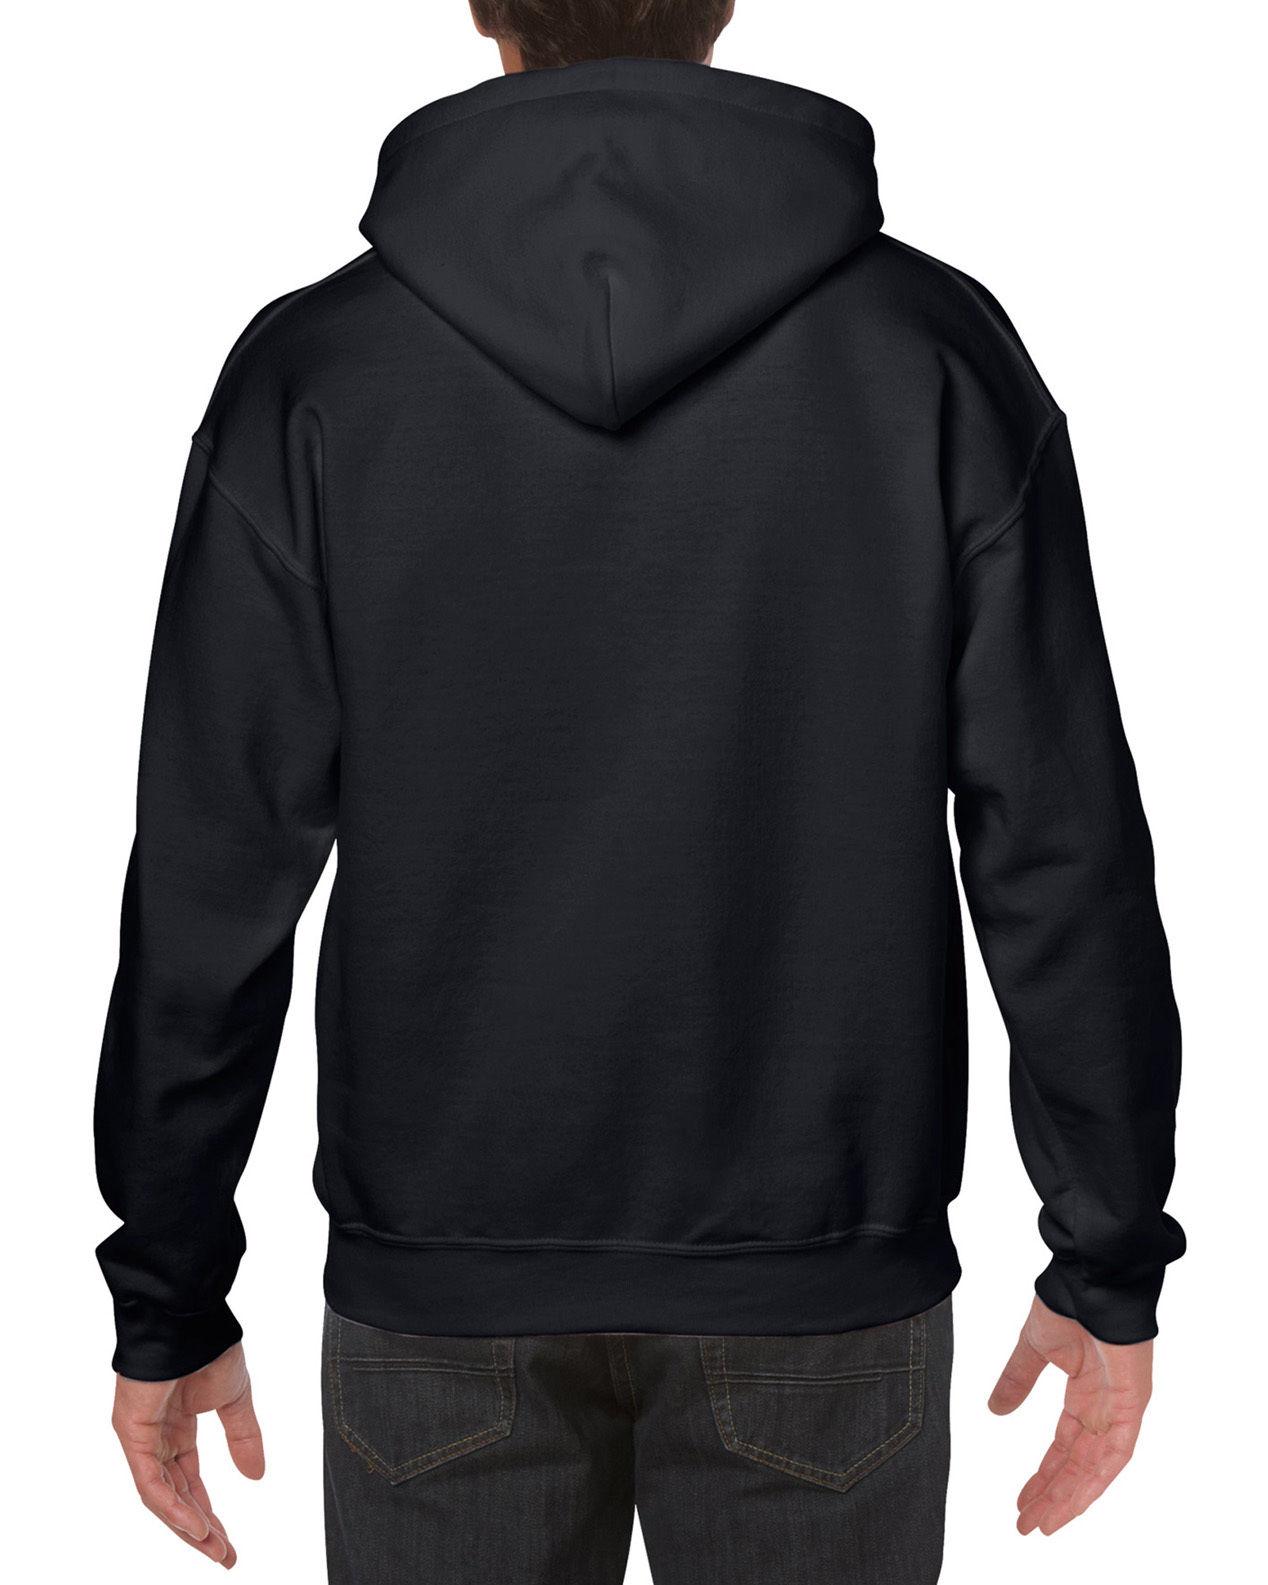 AMG-Mercedes-Benz-Style-Adult-Hoodie-Black-Car-Pride-Hooded-Sweatshirt thumbnail 4